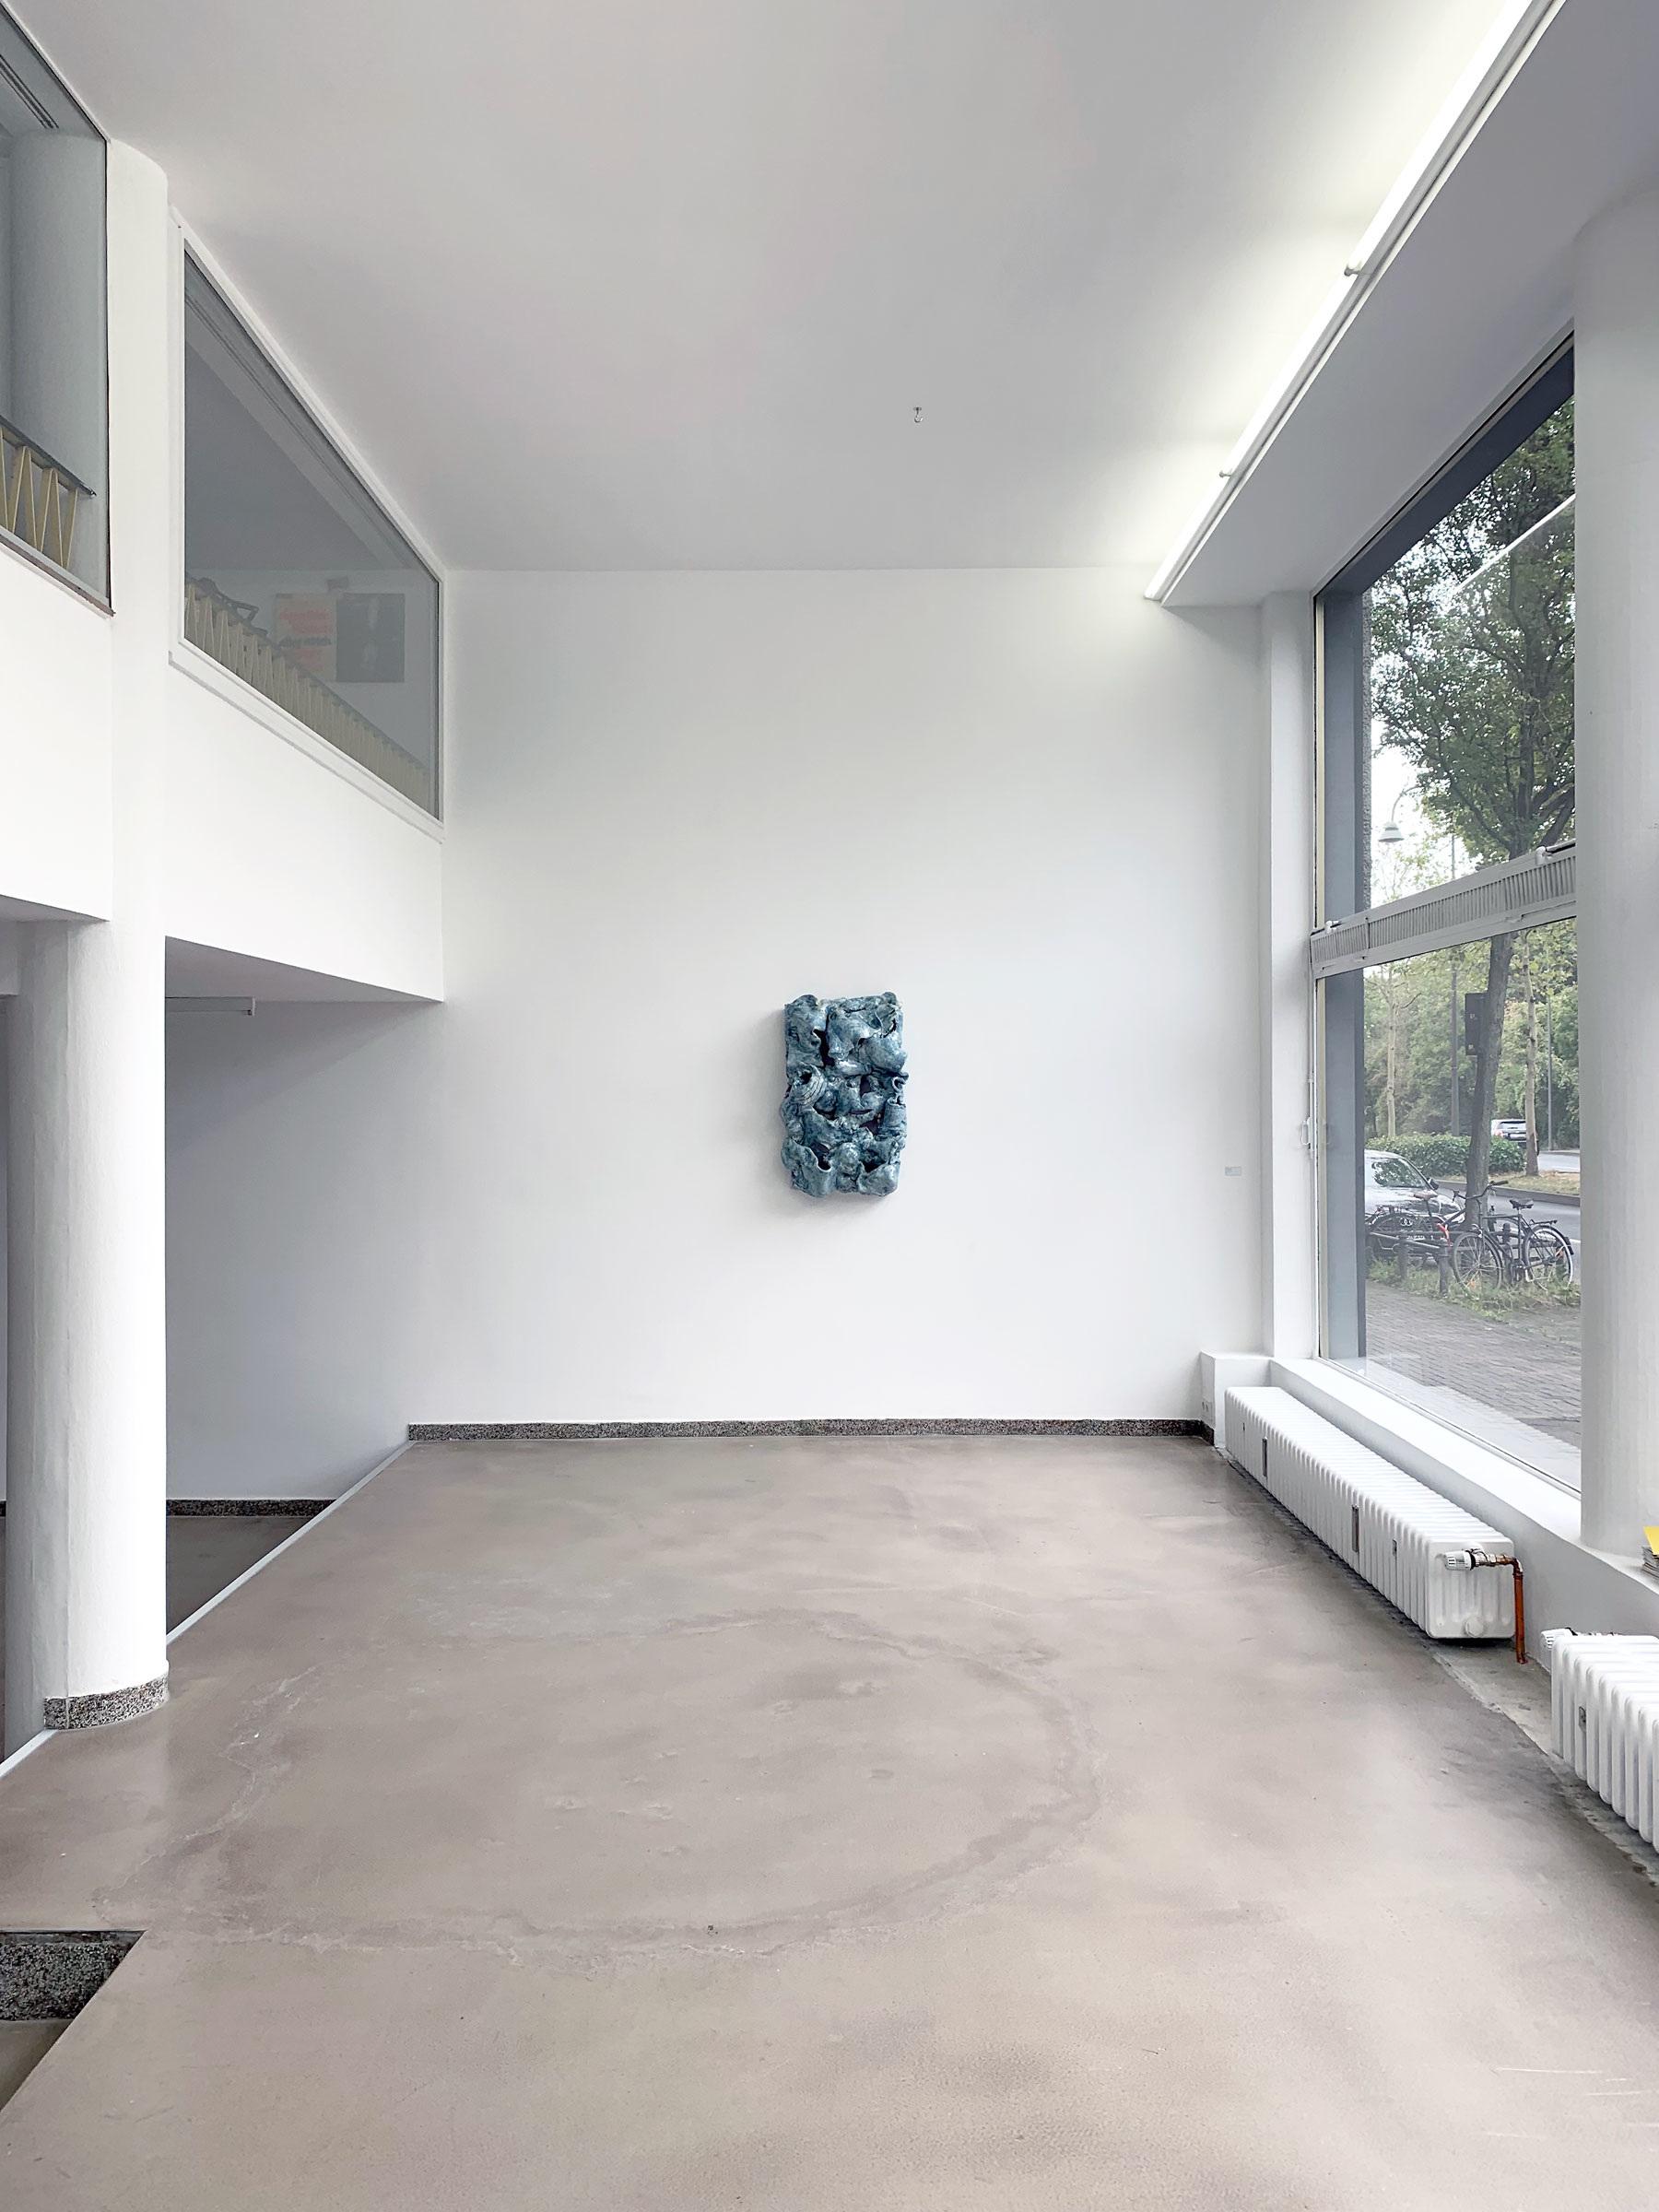 Karweick_Moritz_installation-view_2019_11